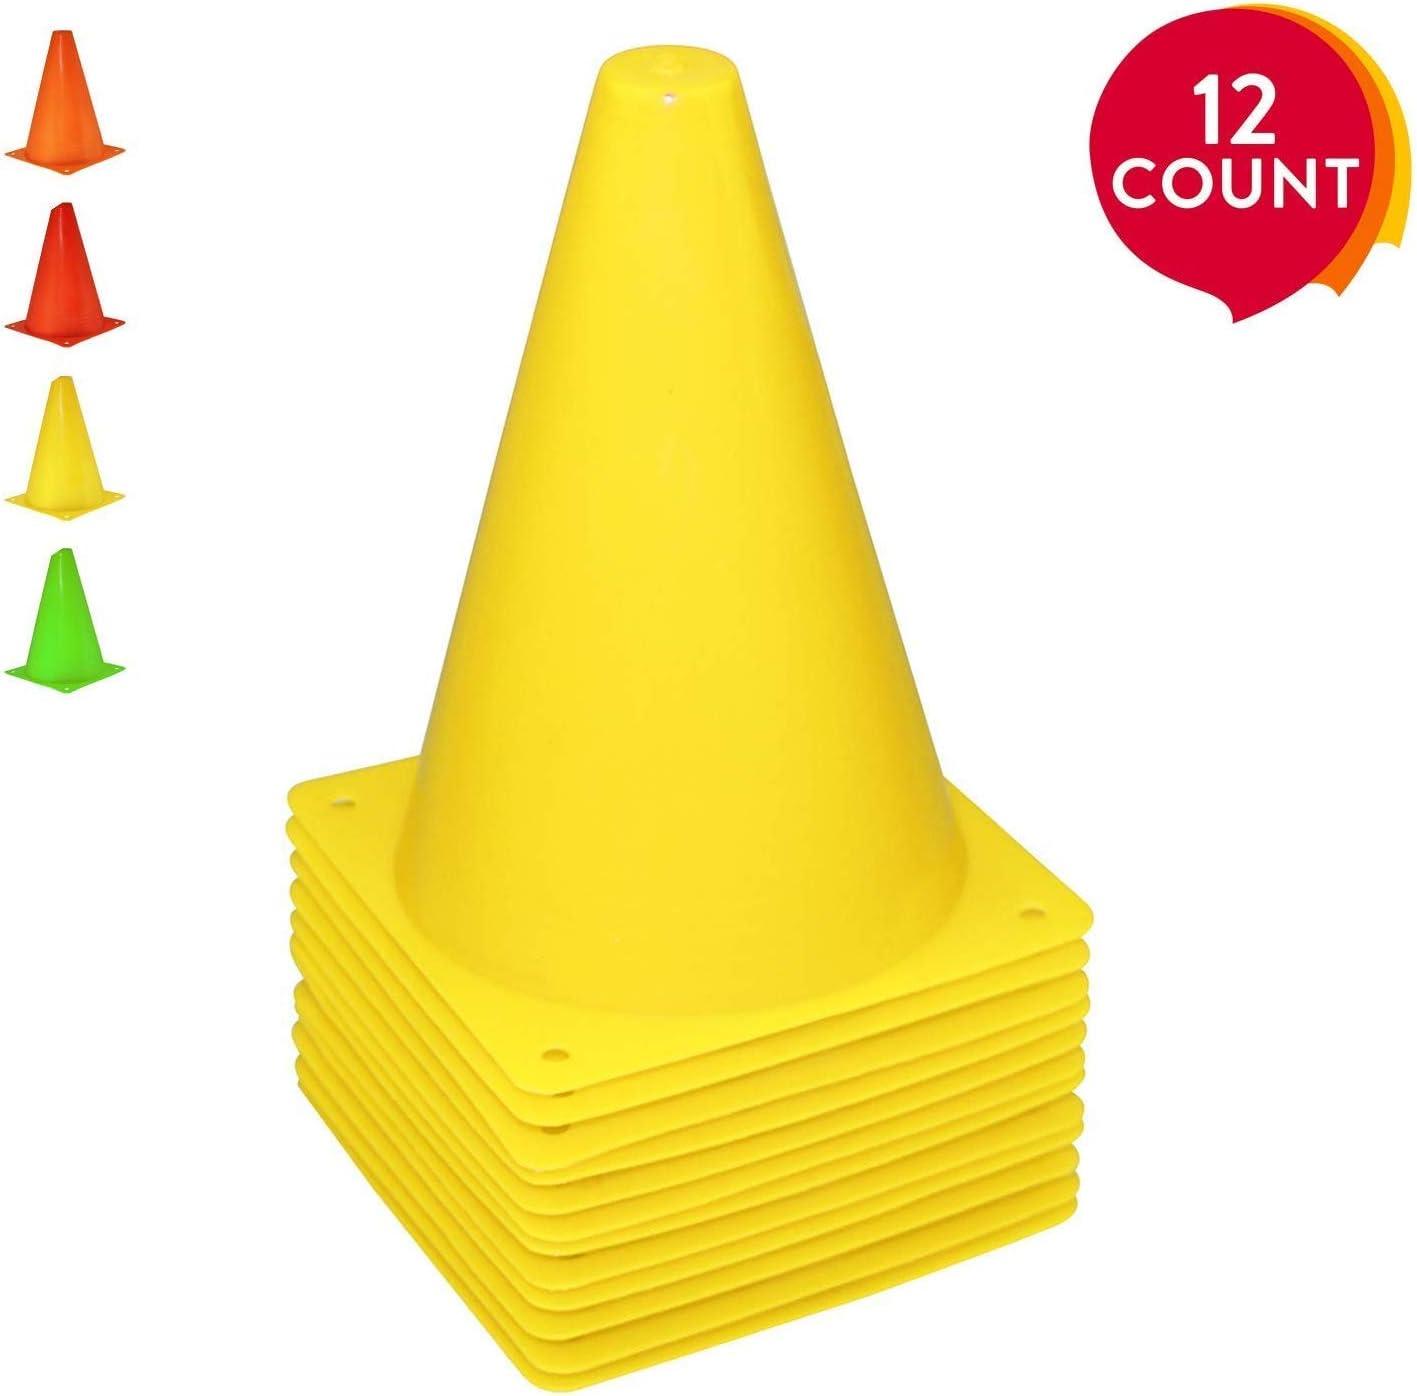 REEHUT 7.5 Pulgadas de Cono de tráfico plástico para Entrenamiento (Juego de 12 o 24) - 4 Colores